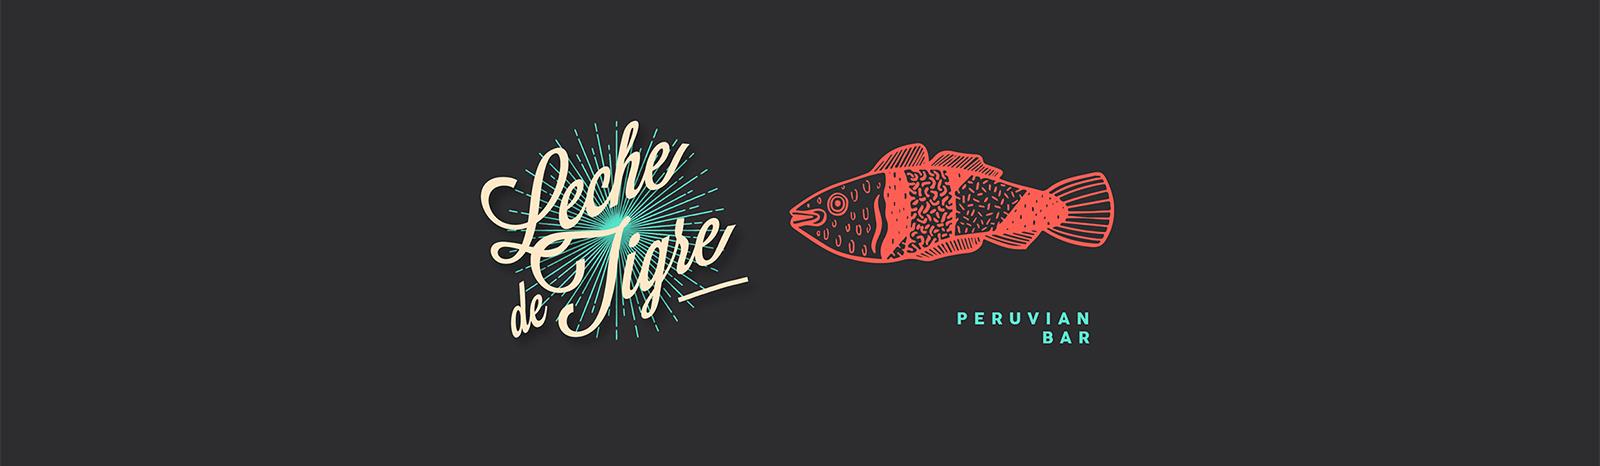 Leche de Tigre Ceviche Jobs